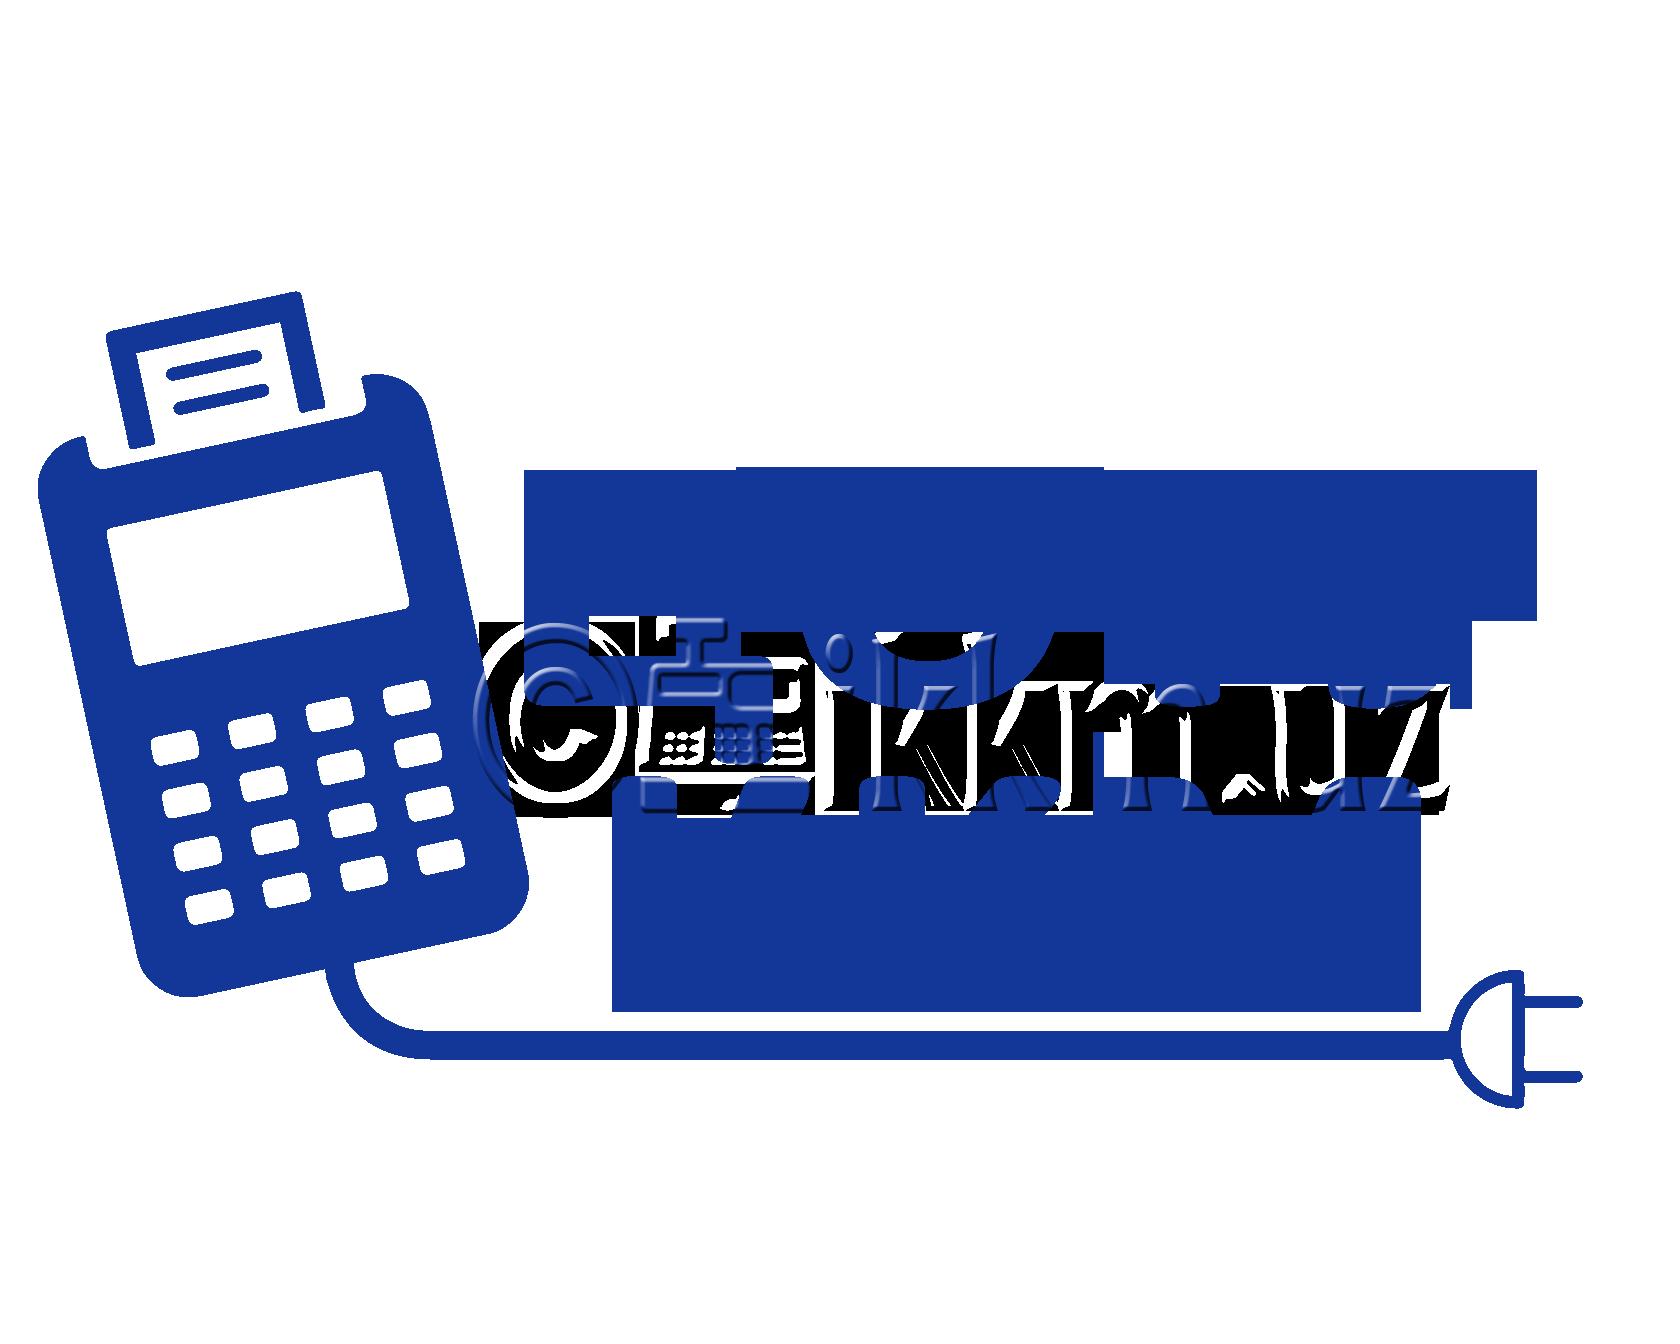 ЦТО-Организации Сервисного обслуживания ККМ.